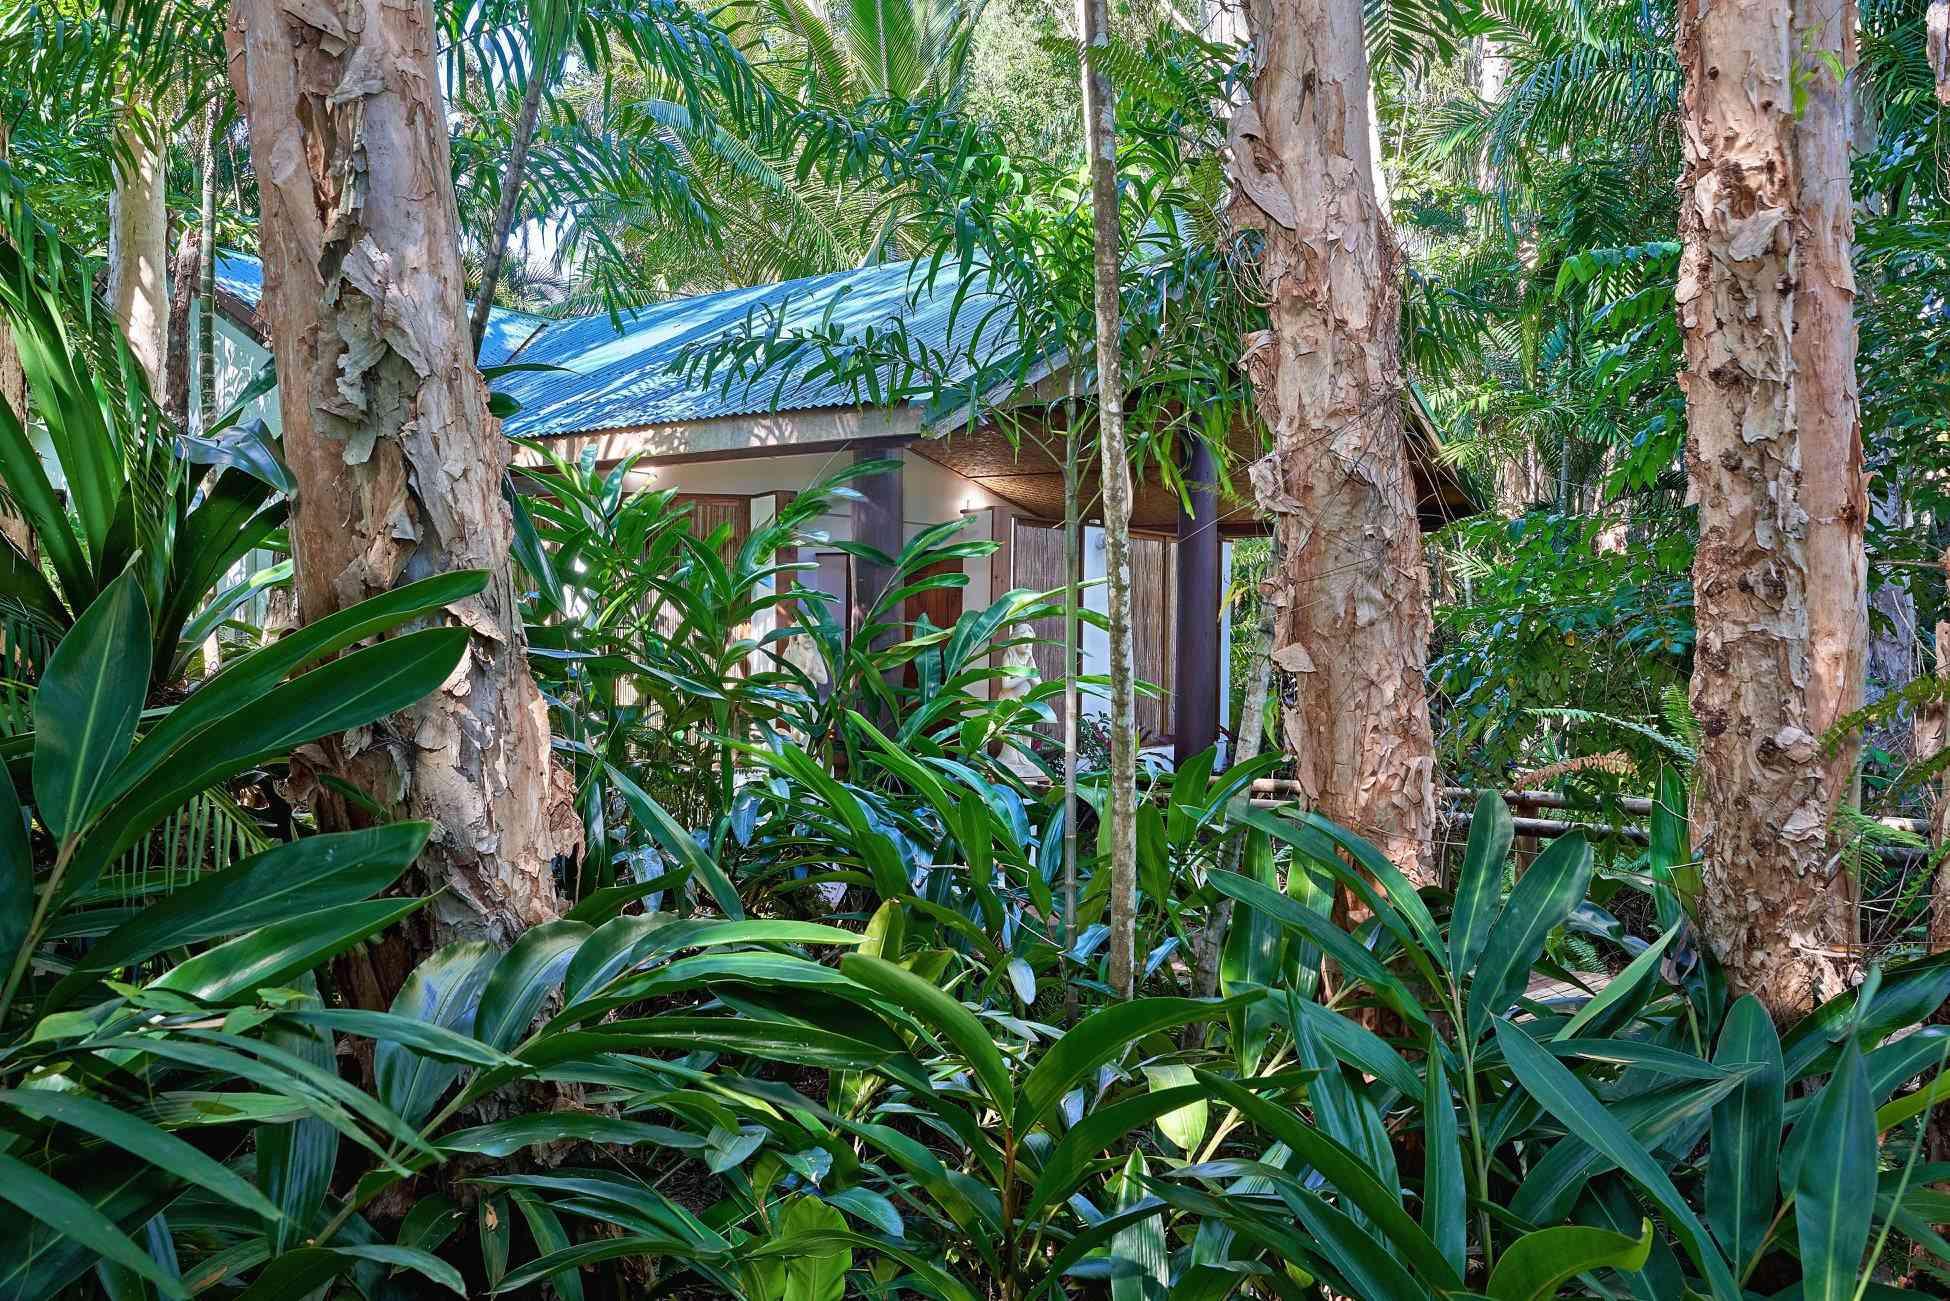 Day spa ubicado dentro de la selva tropical